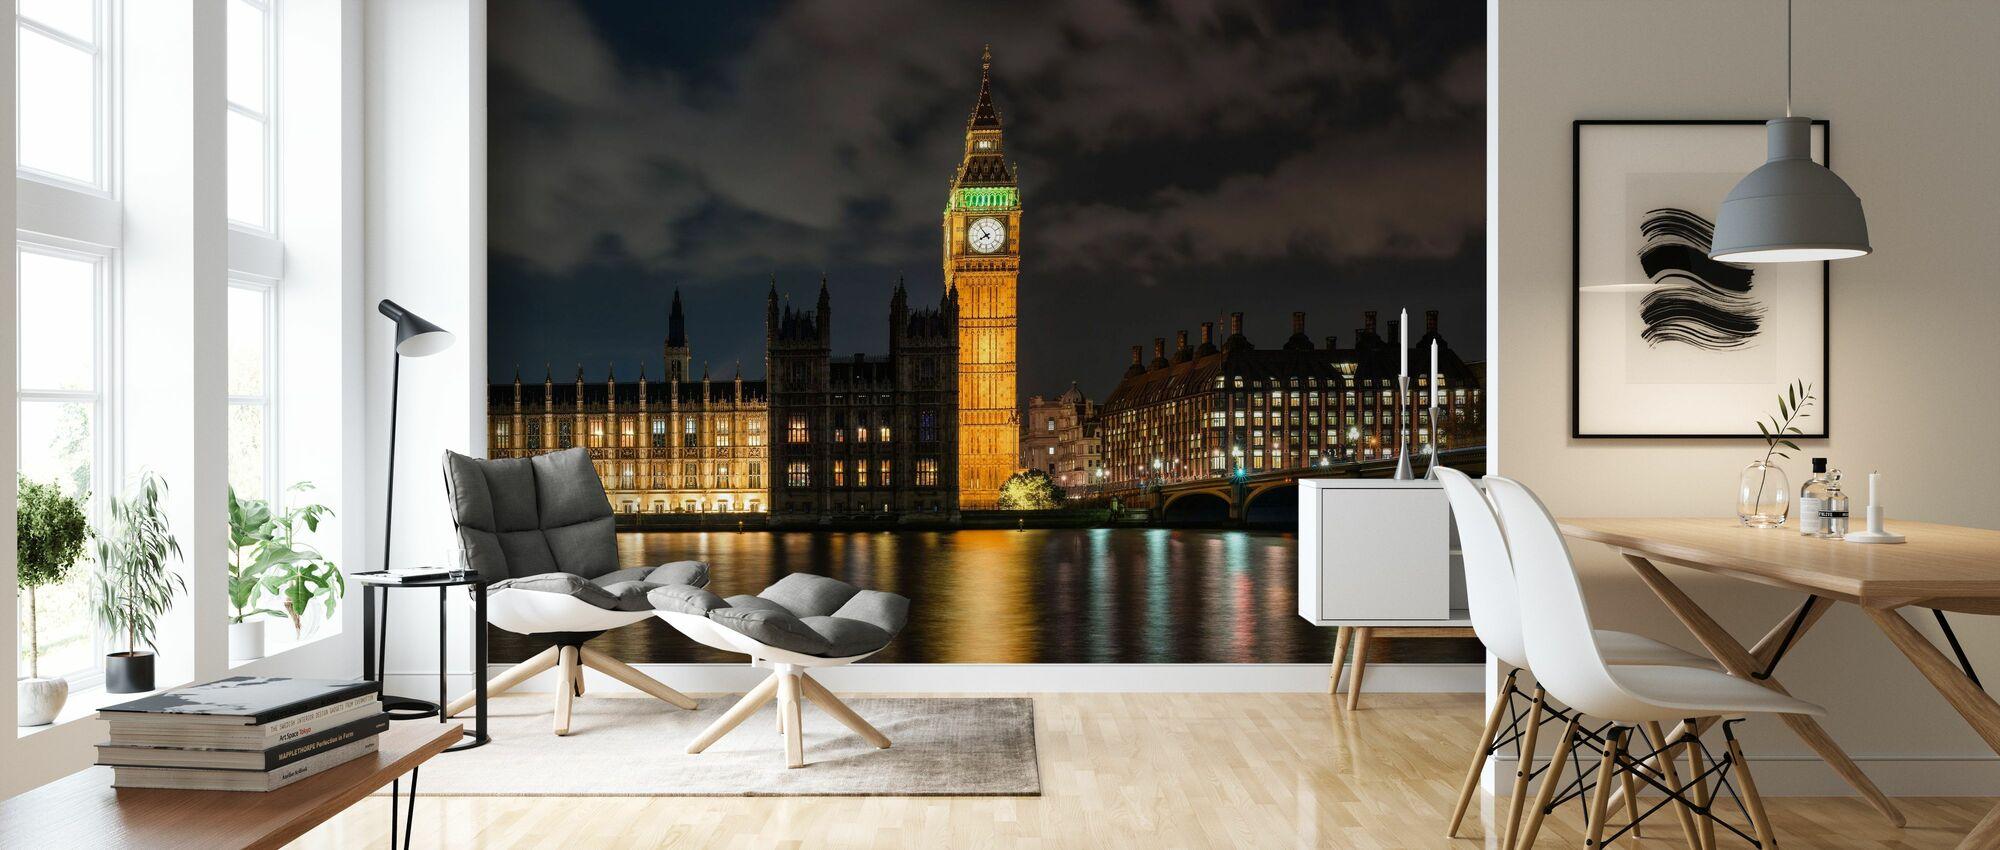 Slottet Westminster - Tapet - Stue